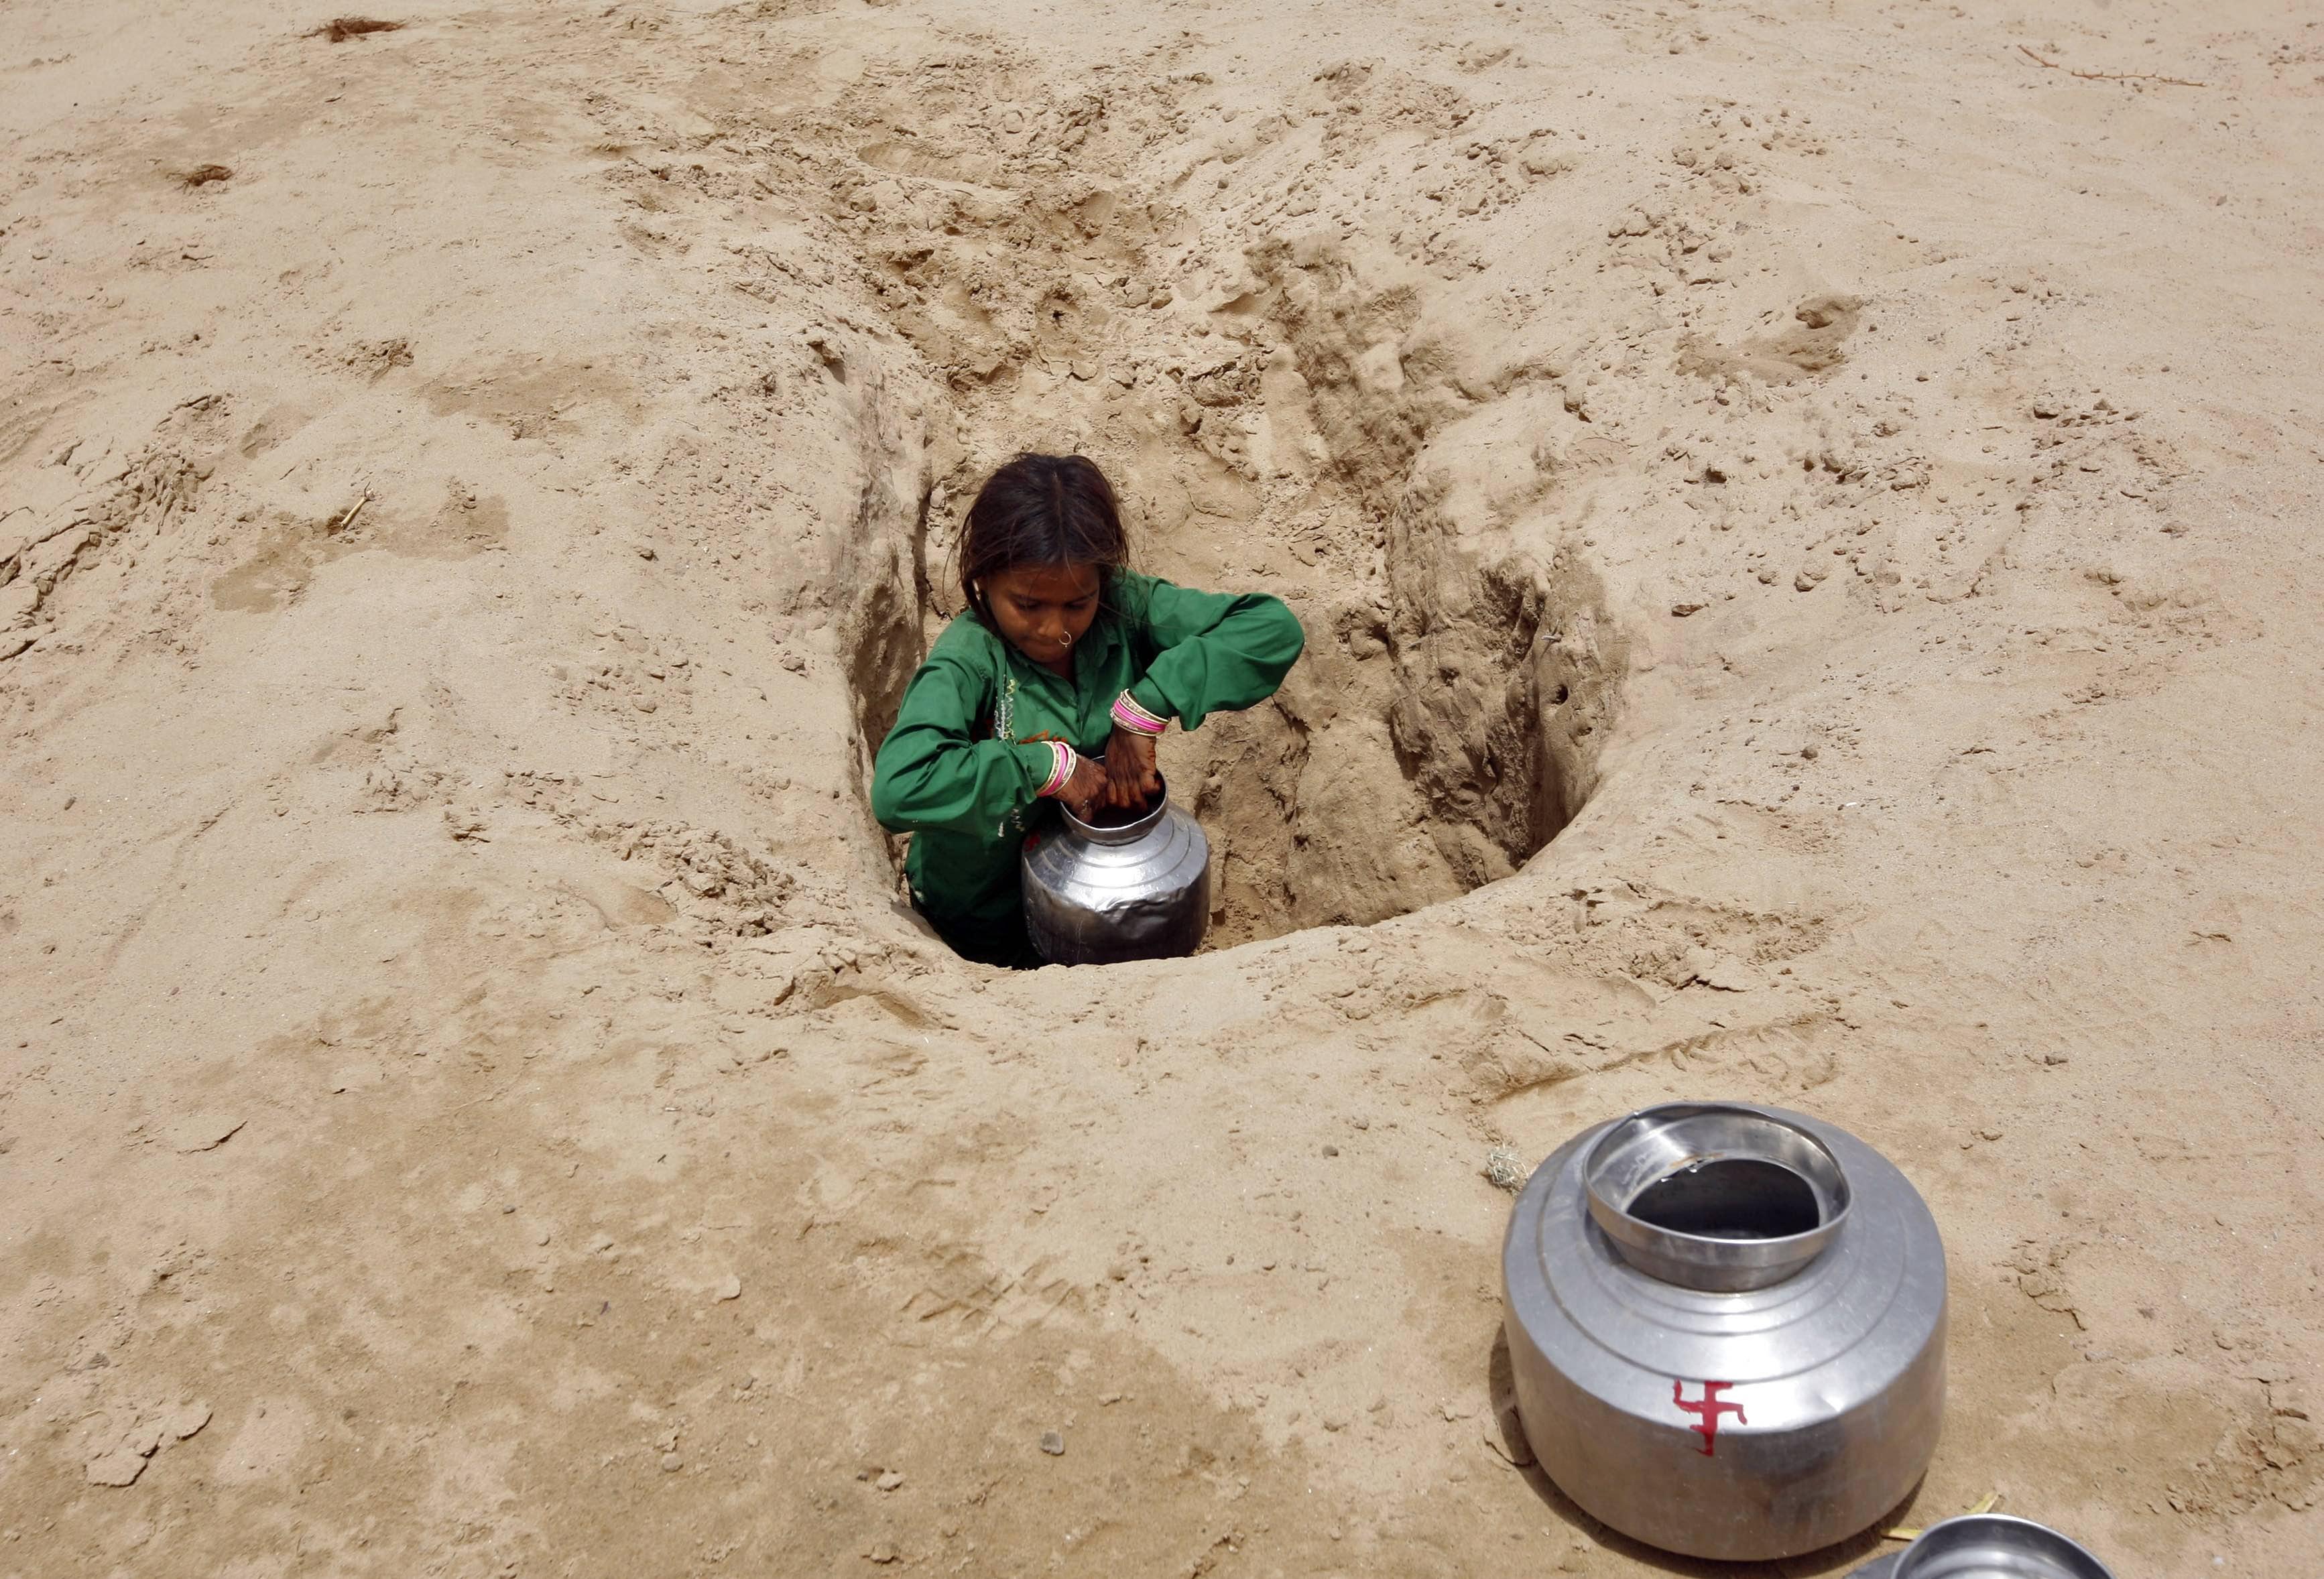 Groundwater in Northwest India Has a Uranium Contamination Problem